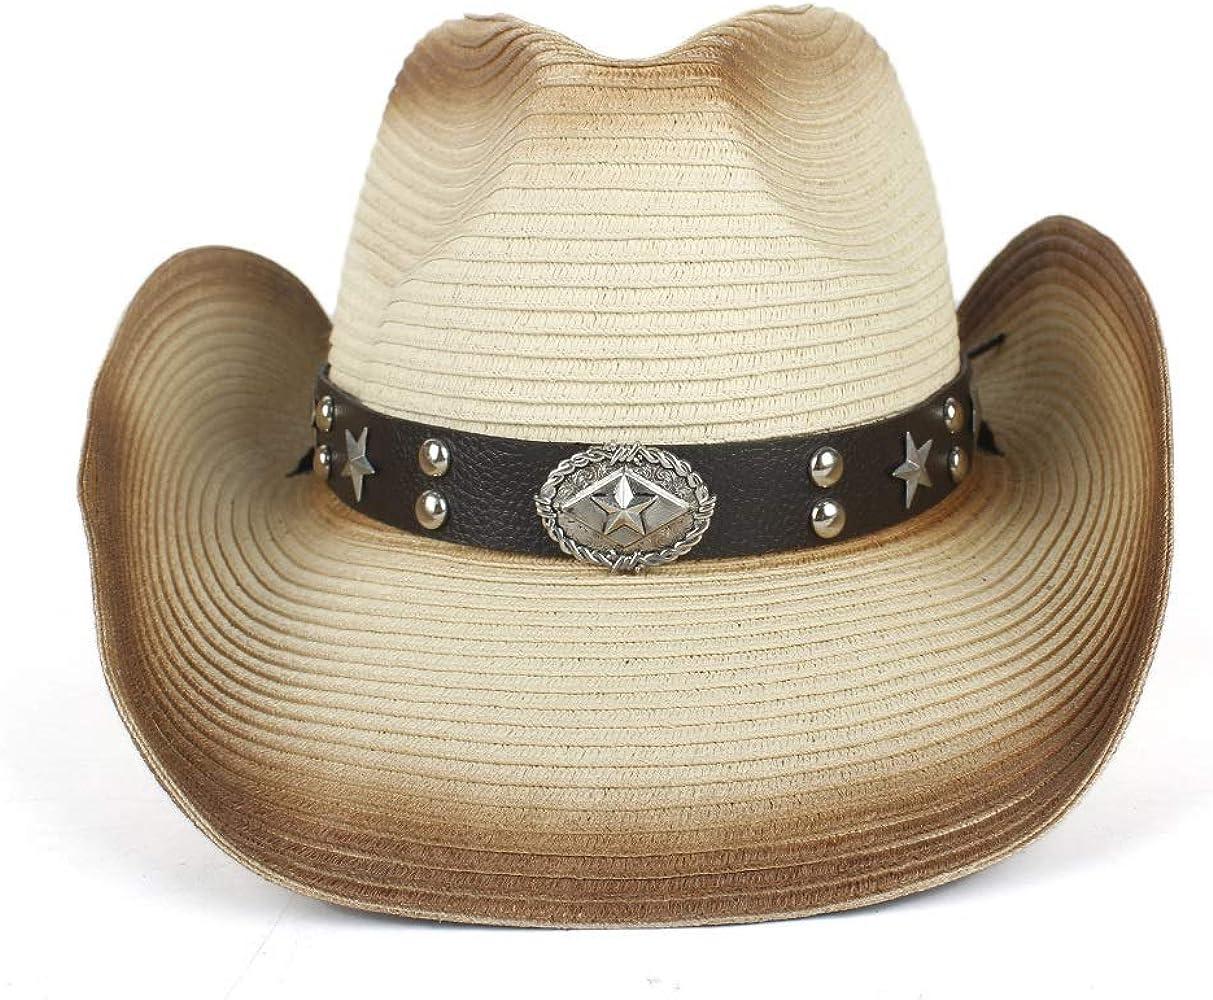 GHC gorras y sombreros Sombrero de paja vaquera de verano ...